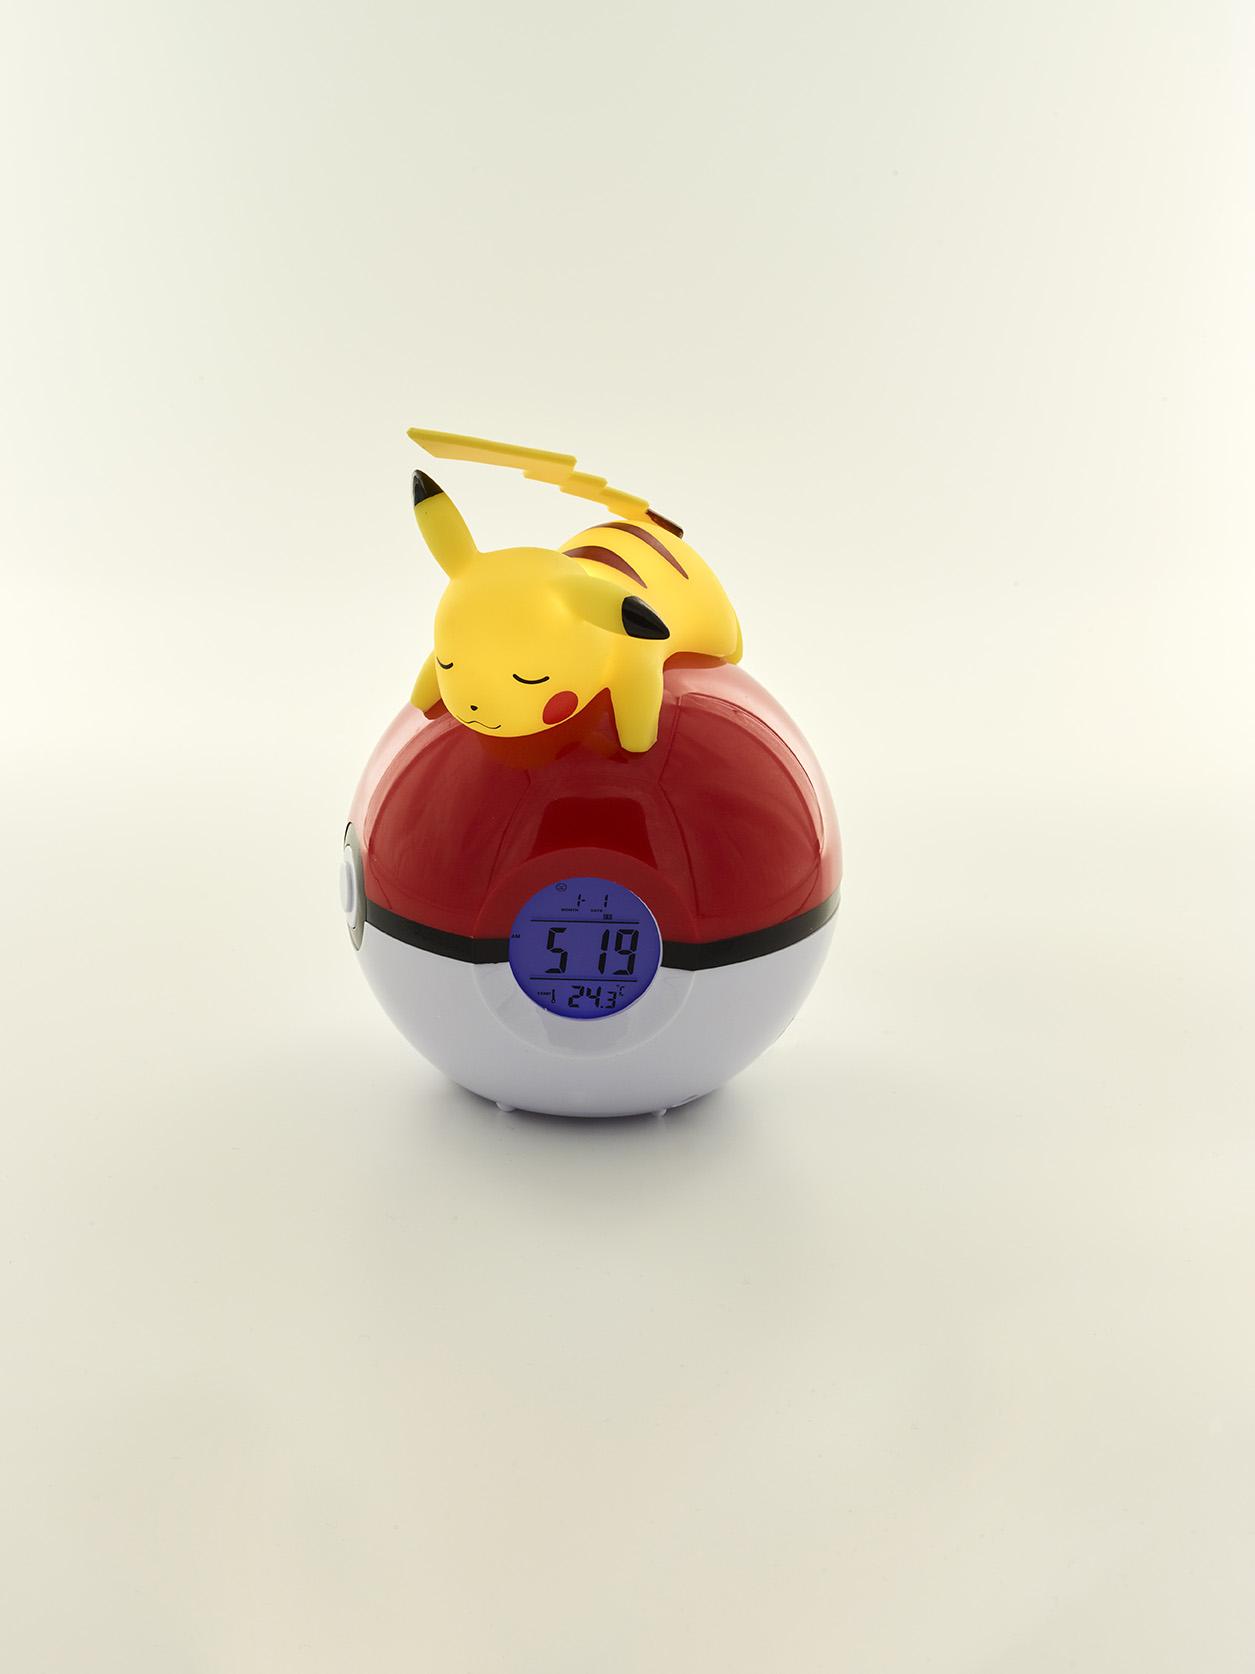 Pokémon Pikachu night light and alarm clock 3